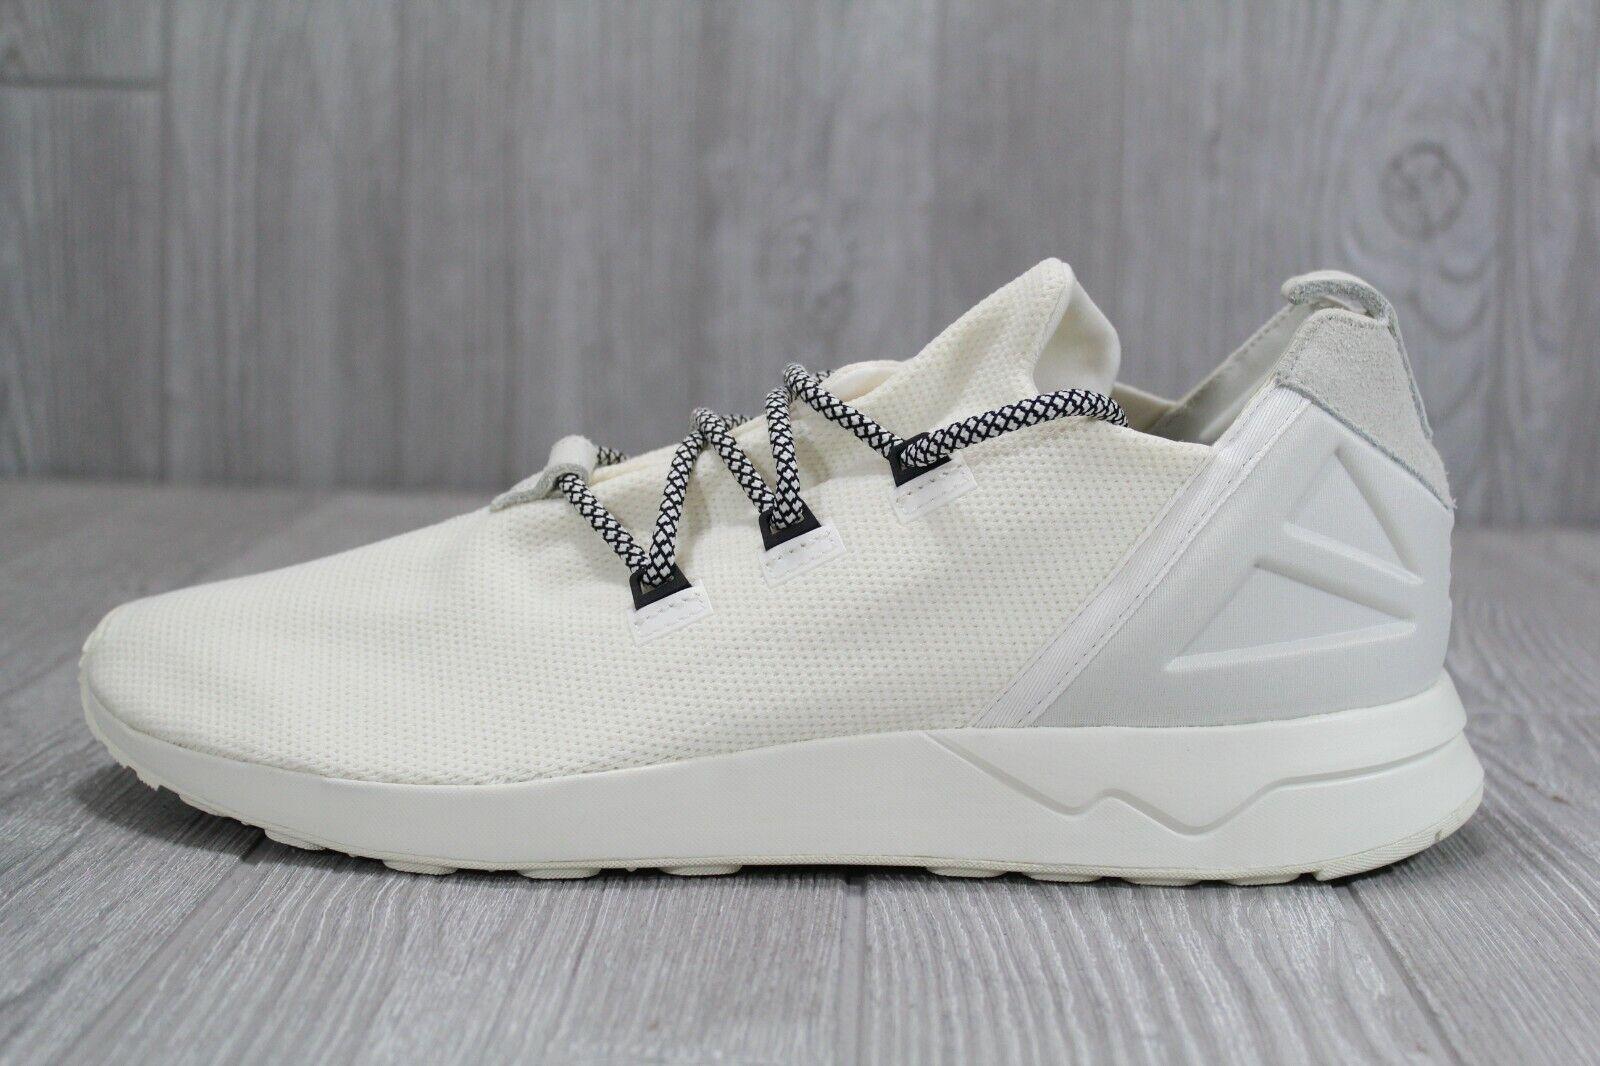 newest d7173 adf19 38 Rare Adidas Original Men's ZX Flux ADV X White Shoes Size 12 B49403